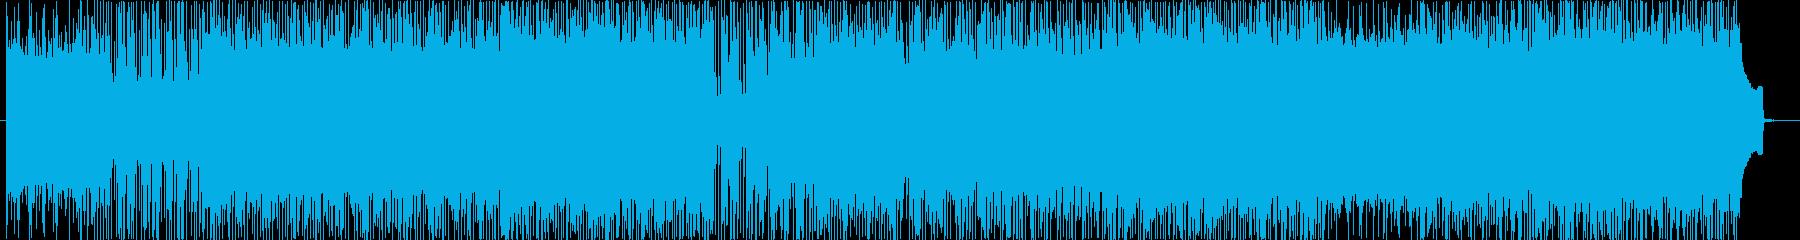 爽やかな青空を疾走するイメージのBGMの再生済みの波形